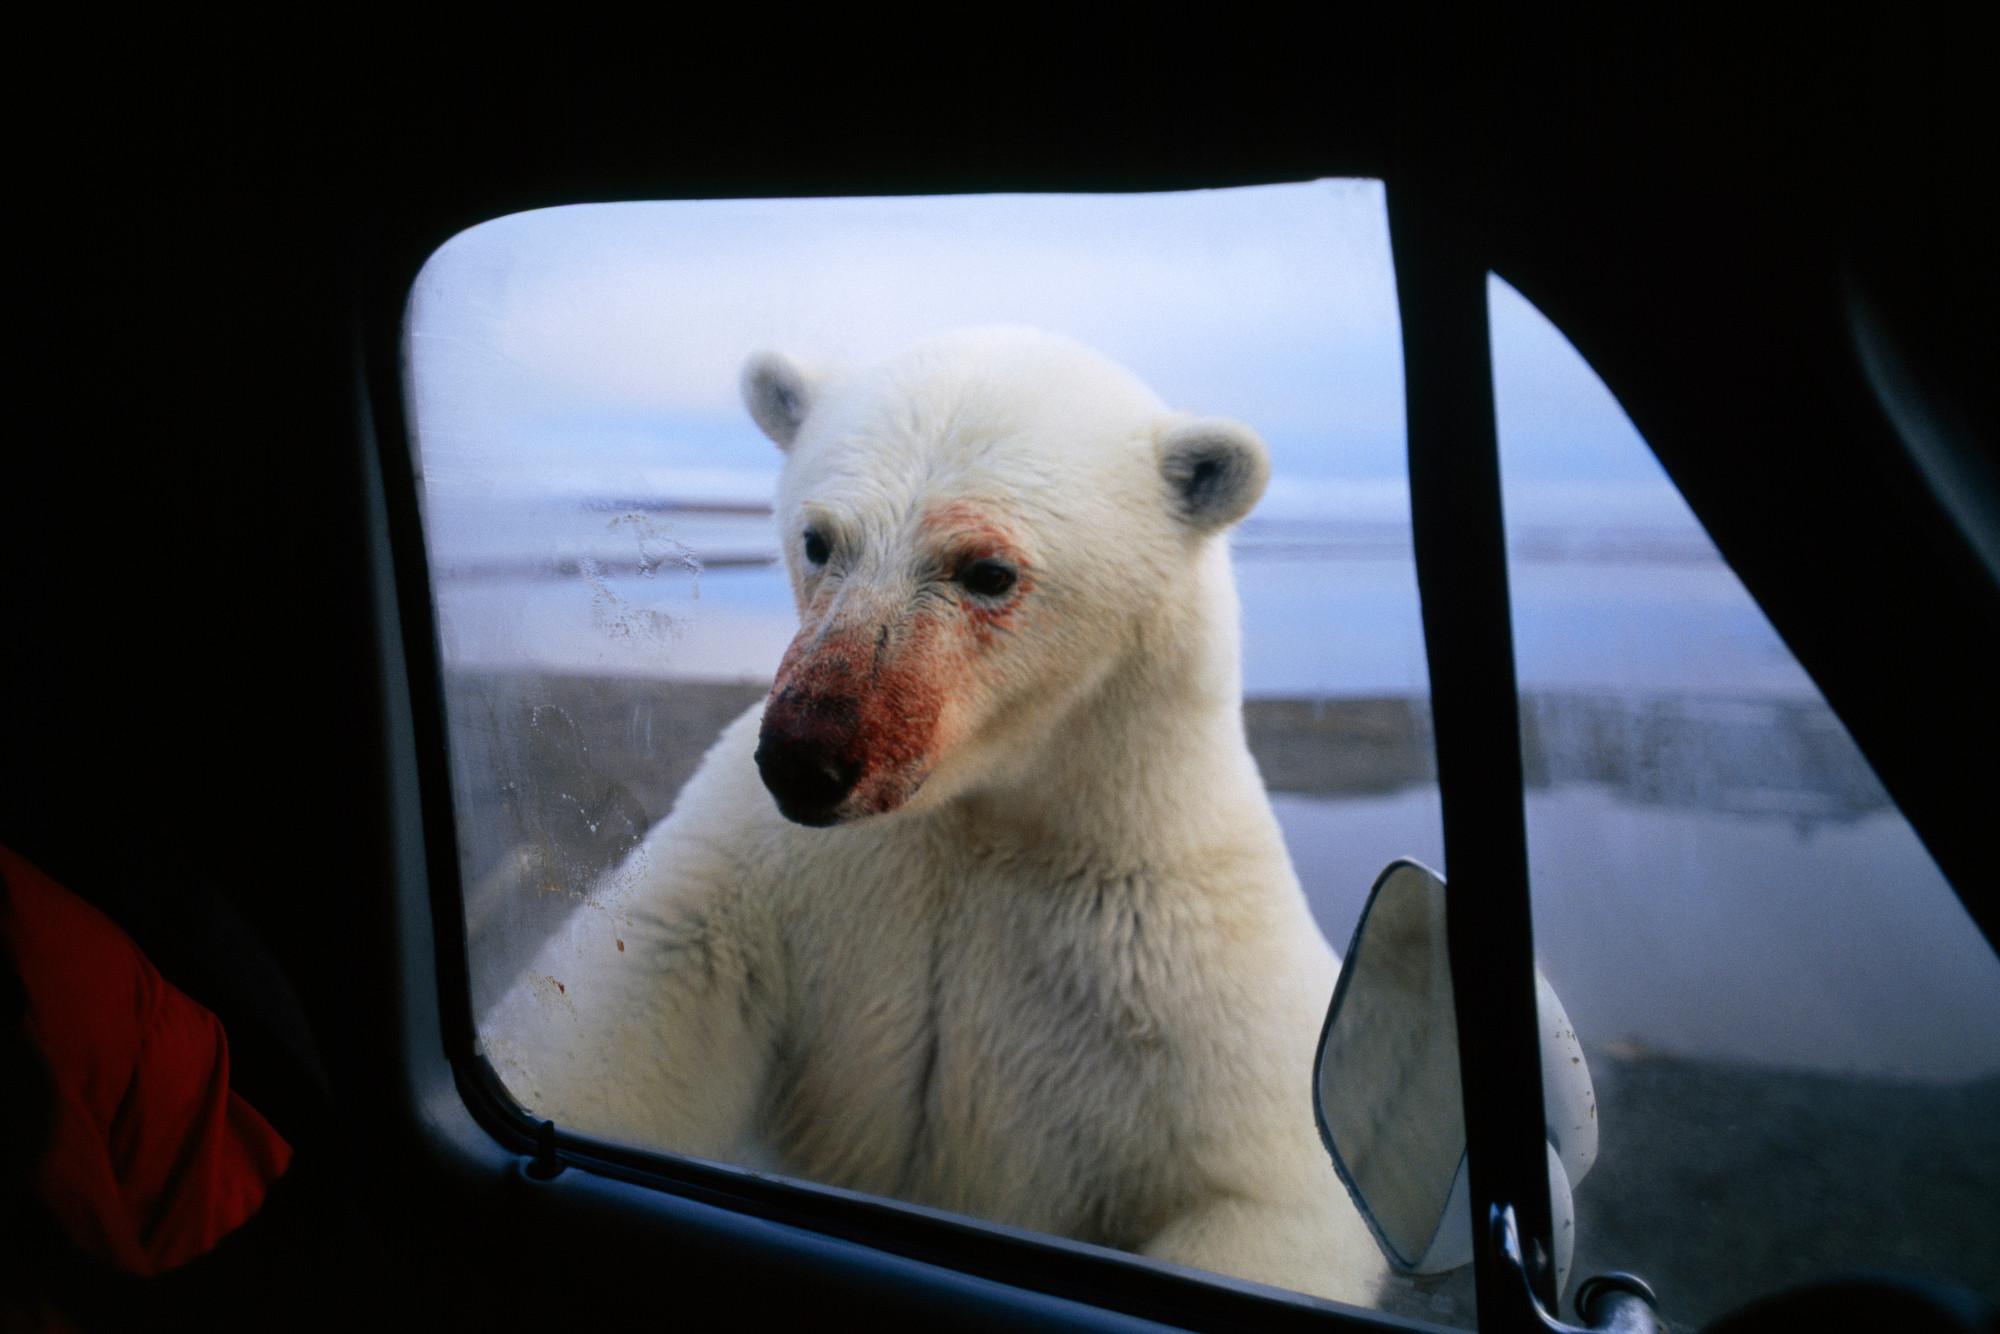 магазины каких фото белый медведь фургон окно чернокожие